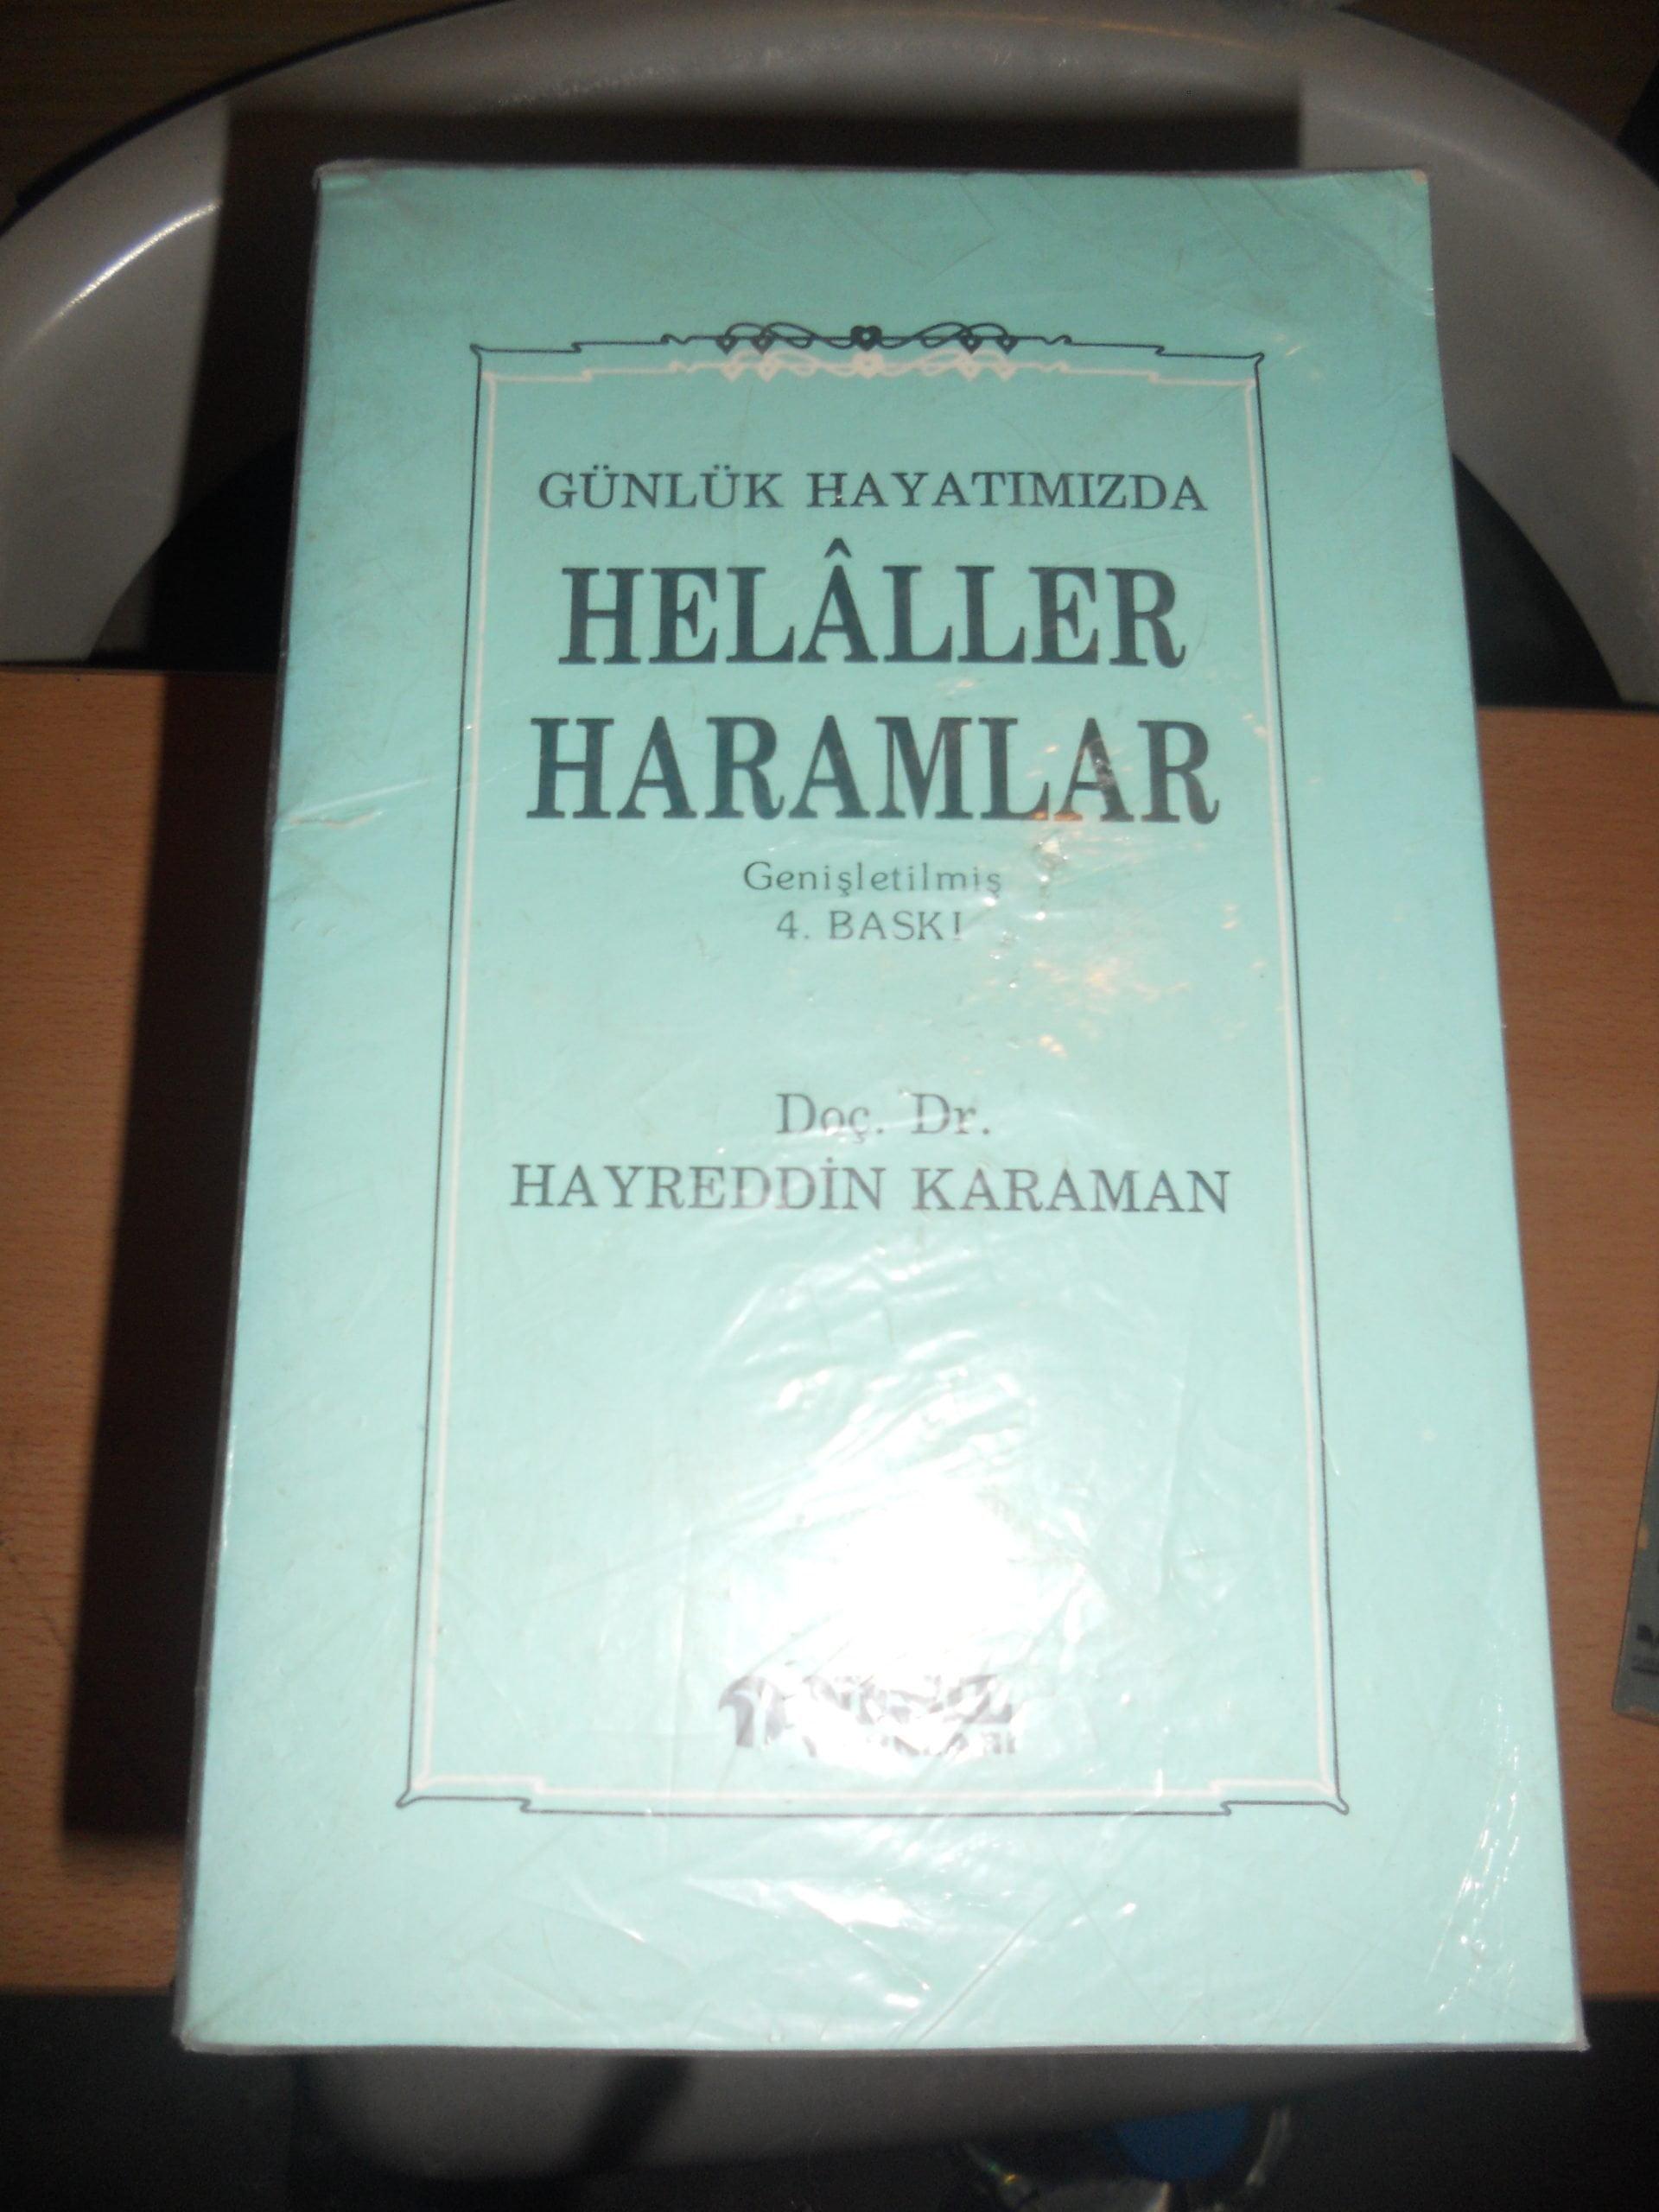 Günlük Hayatımızda HELALLER ve HARAMLAR/Hayrettin KARAMAN/ 10 tl